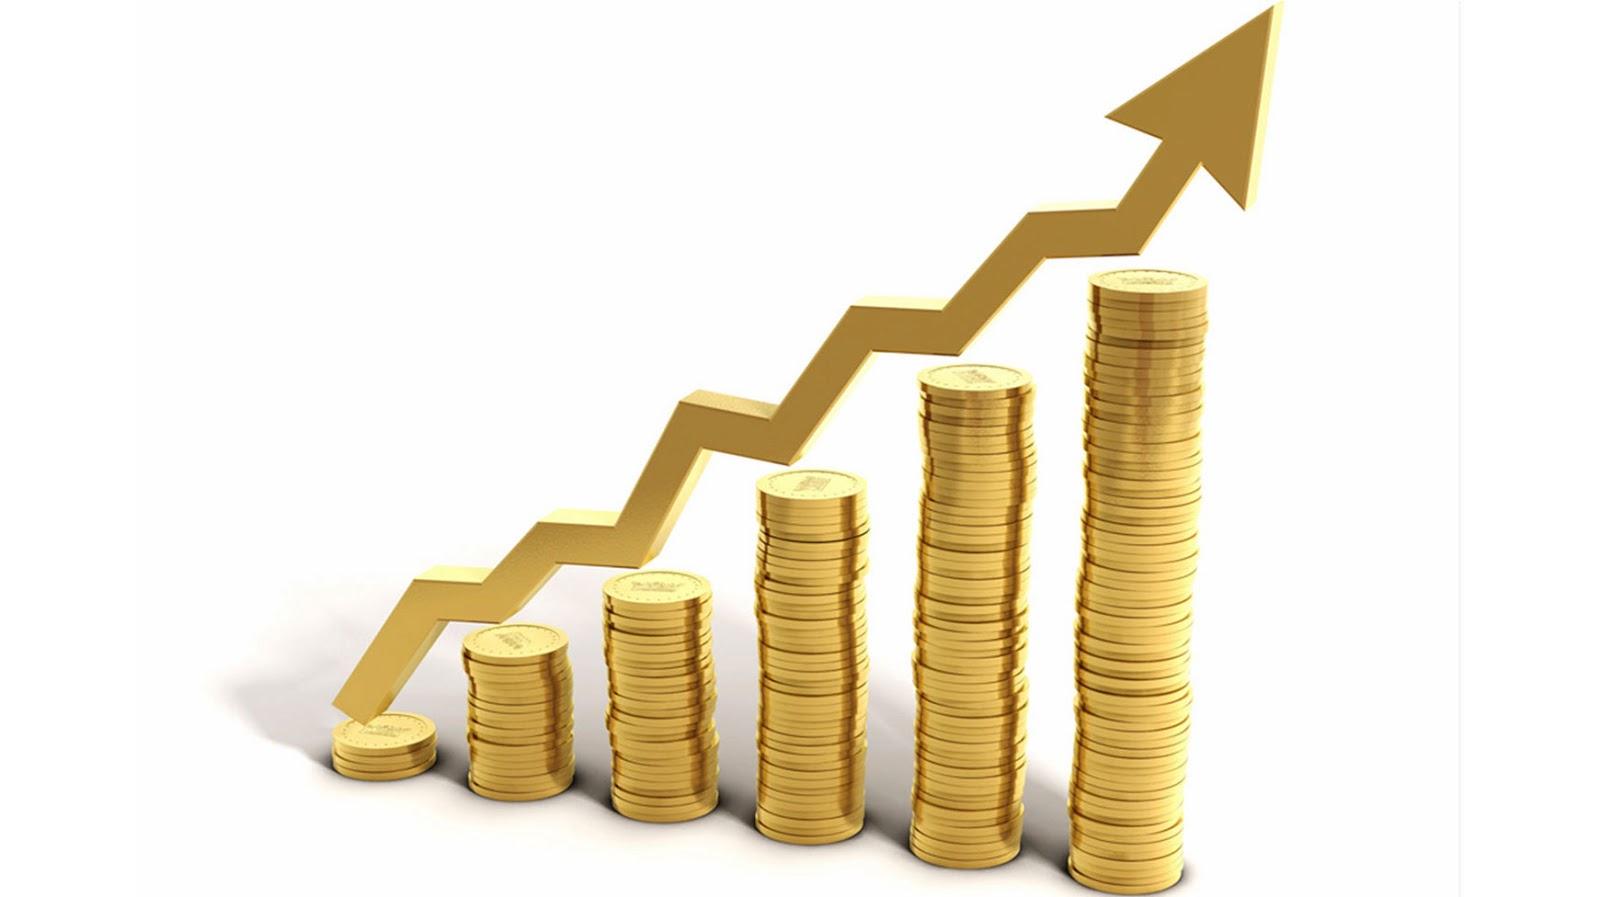 Trách nhiệm của Sở giao dịch đối với việc cho các tổ chức tín dụng vay đặc biệt